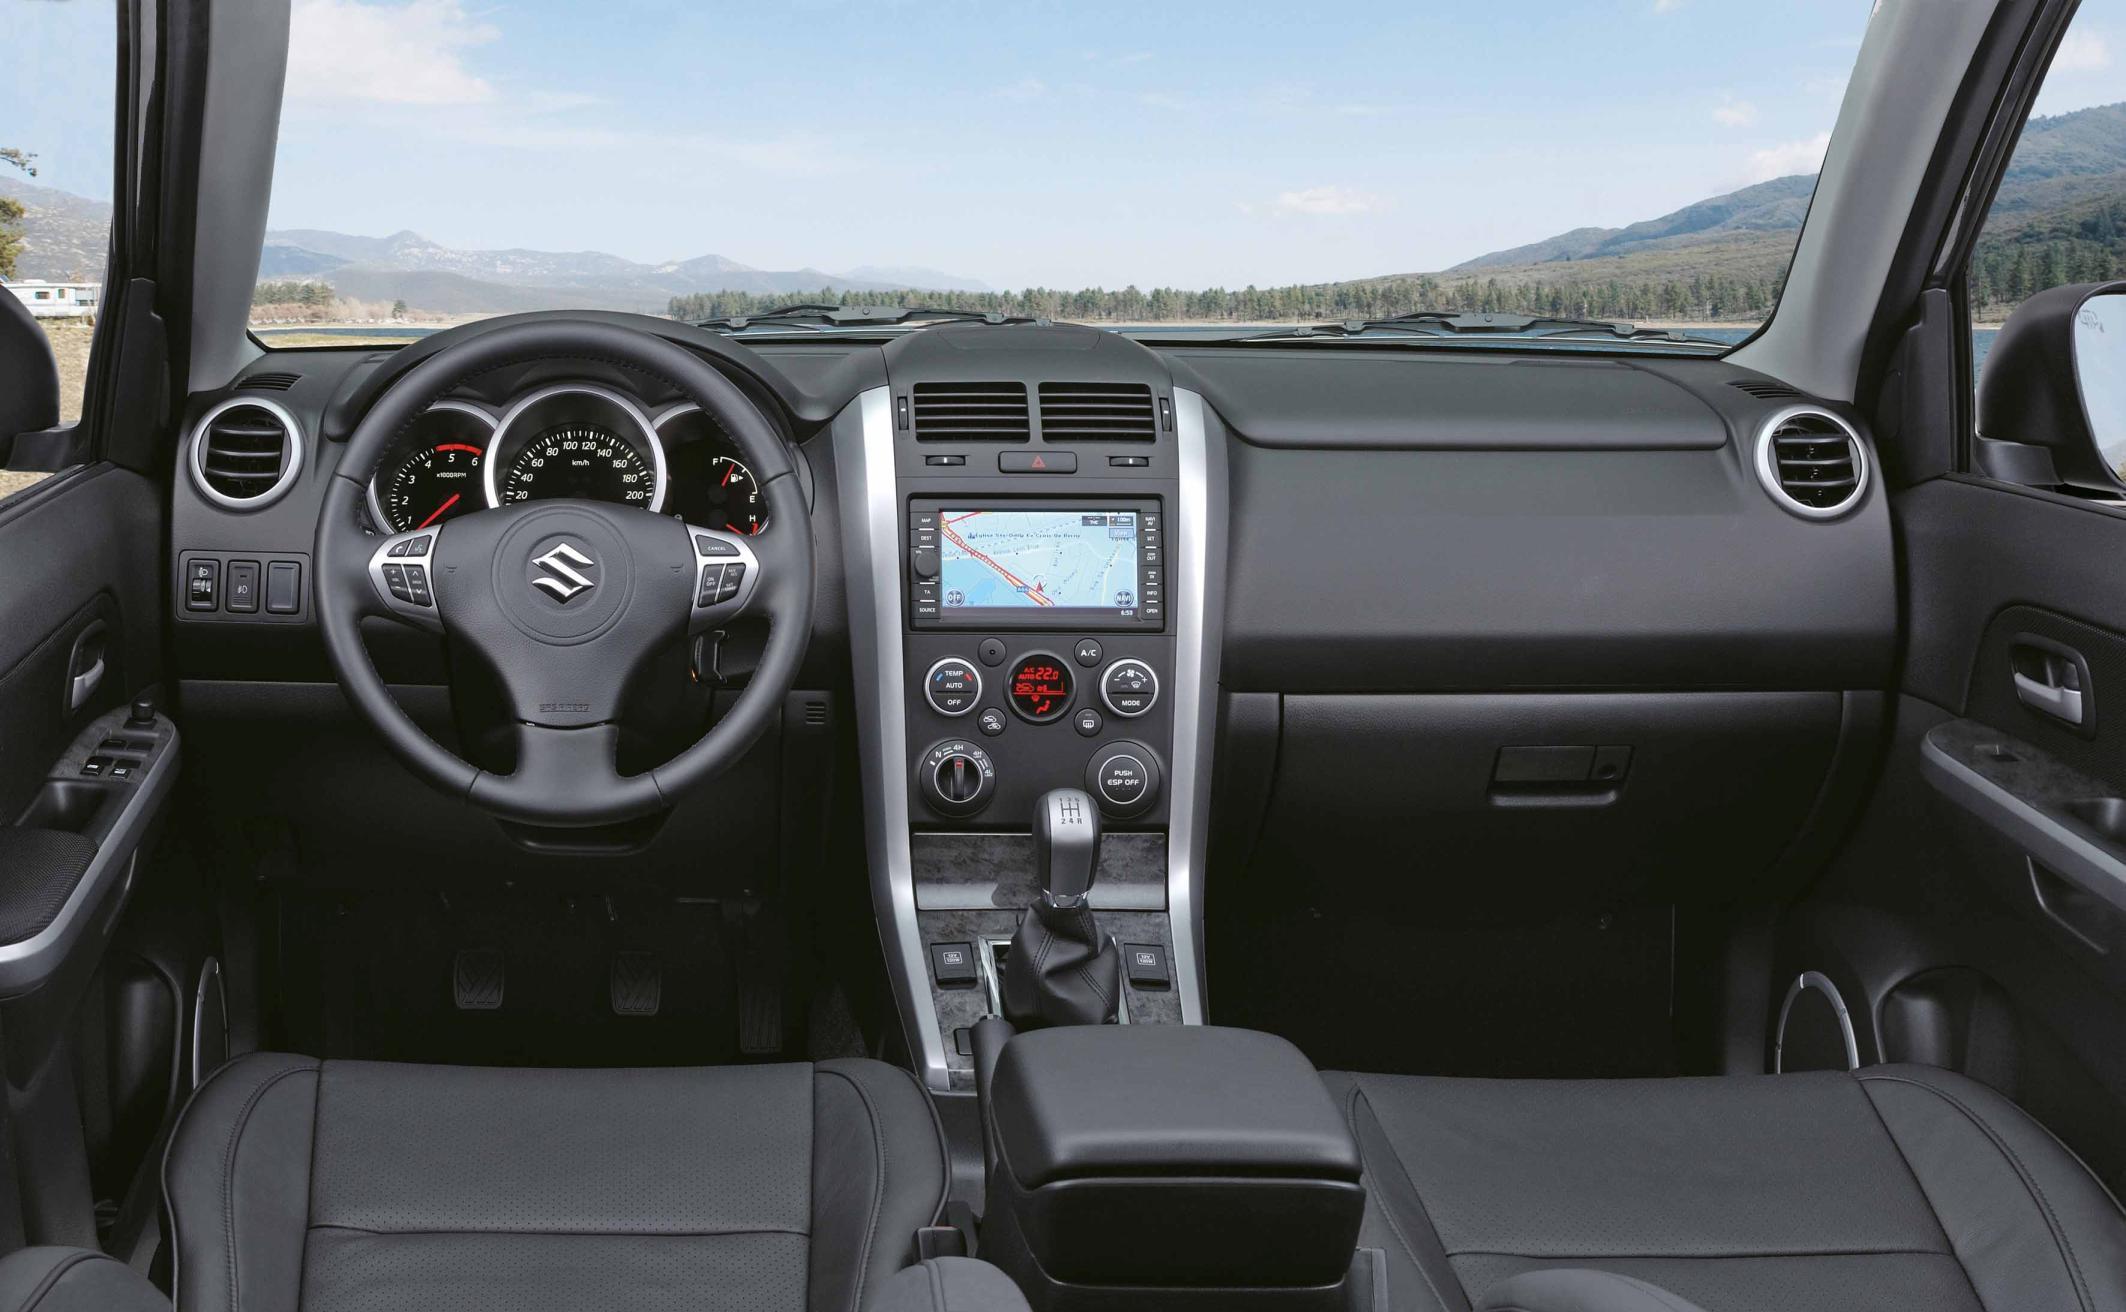 Suzuki Grand Vitara Sondermodell X30 Innenraum Mit Ledersitzen Foto